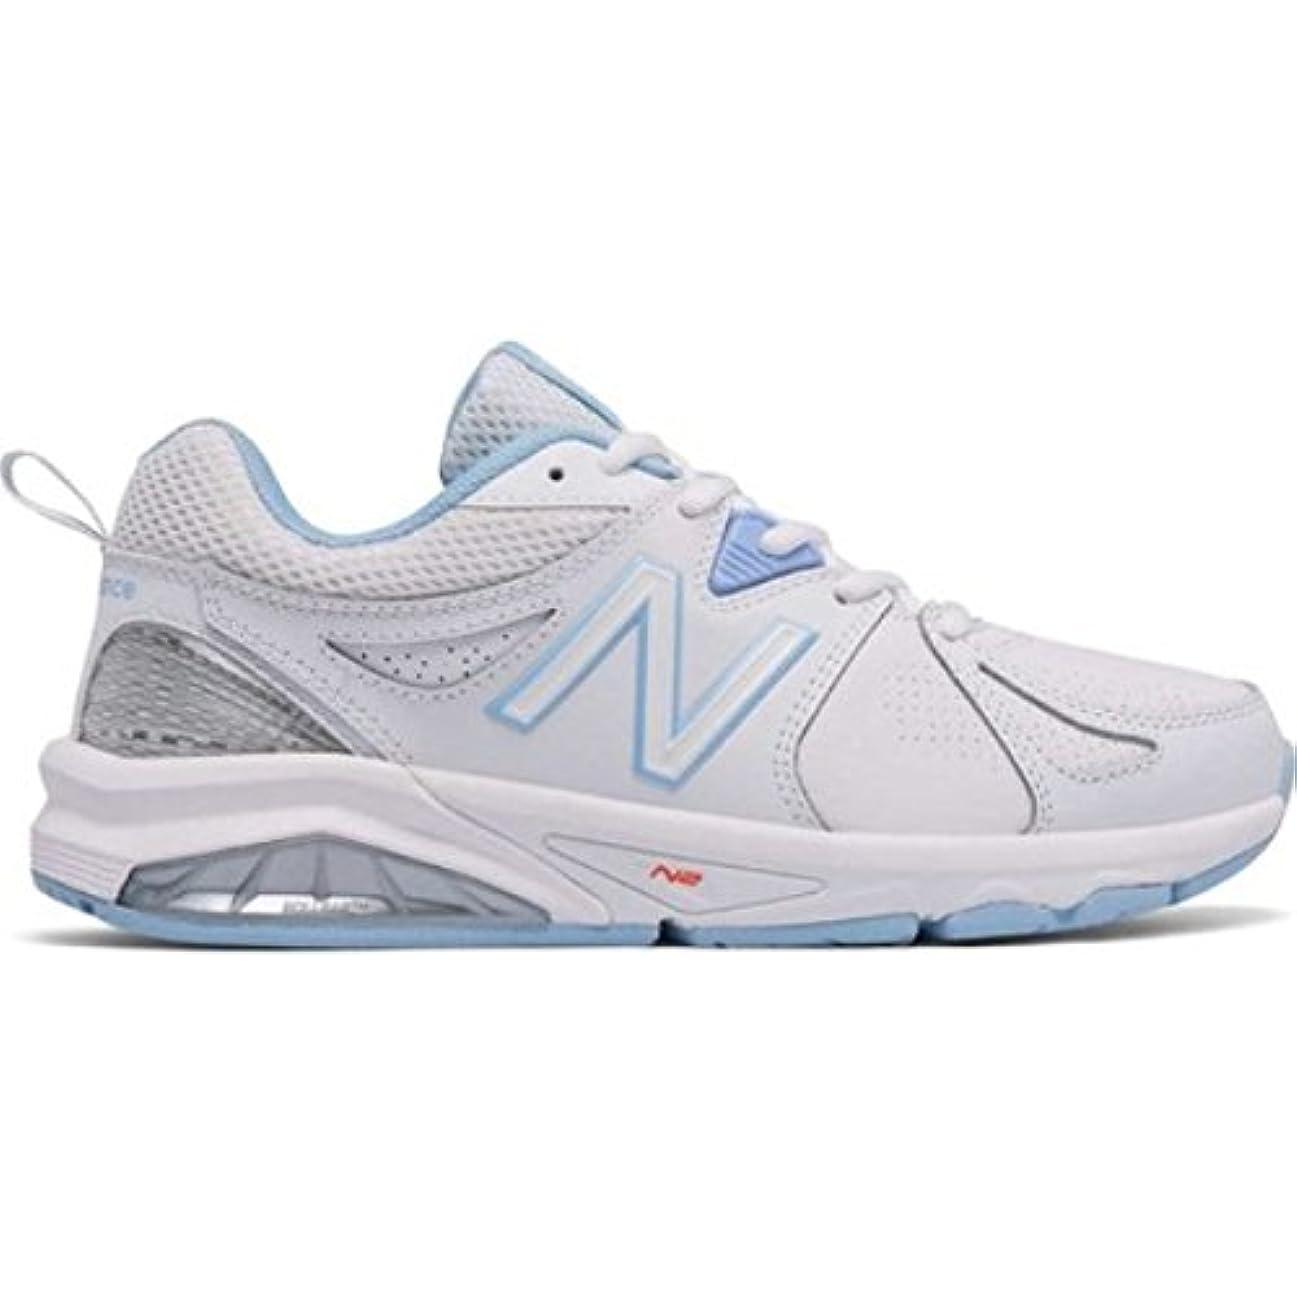 対角線かすかなナラーバー(ニューバランス) New Balance レディース シューズ?靴 スニーカー 857v2 Training Shoe [並行輸入品]